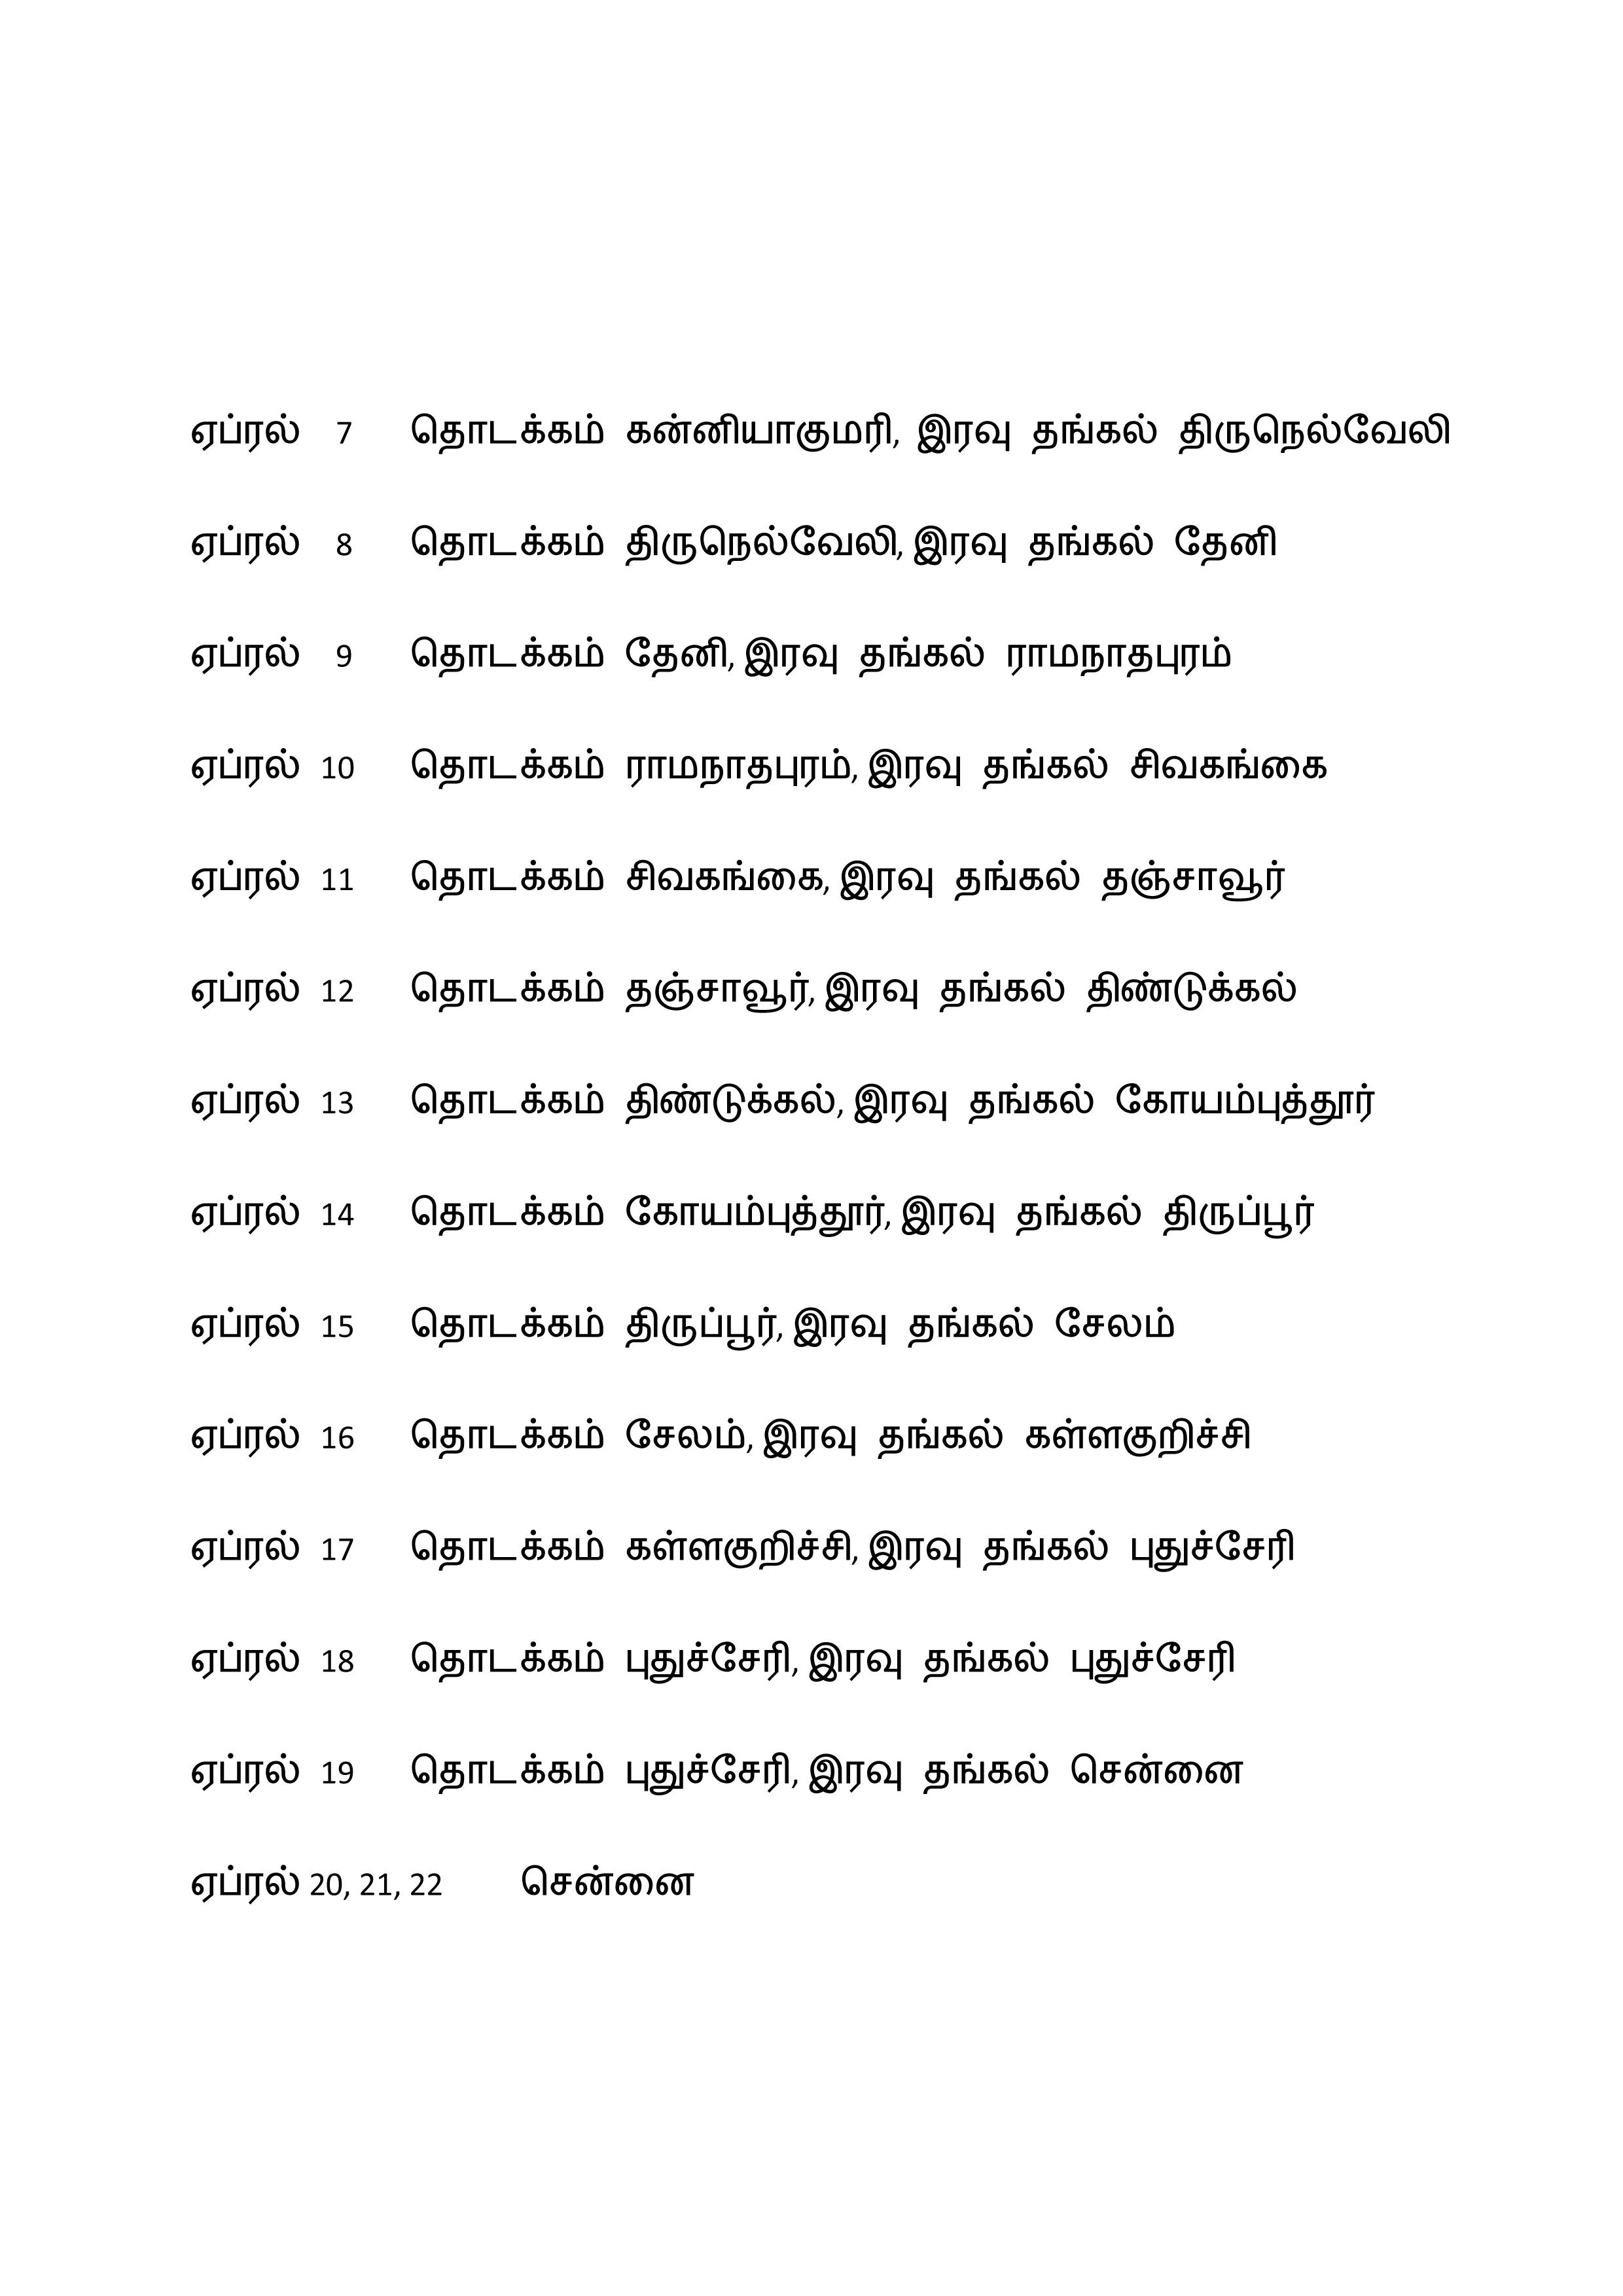 நாம் தமிழர் கட்சித் தலைவர் சீமான் அவர்களின் பரப்புரை பயணத்திட்டம் page 3